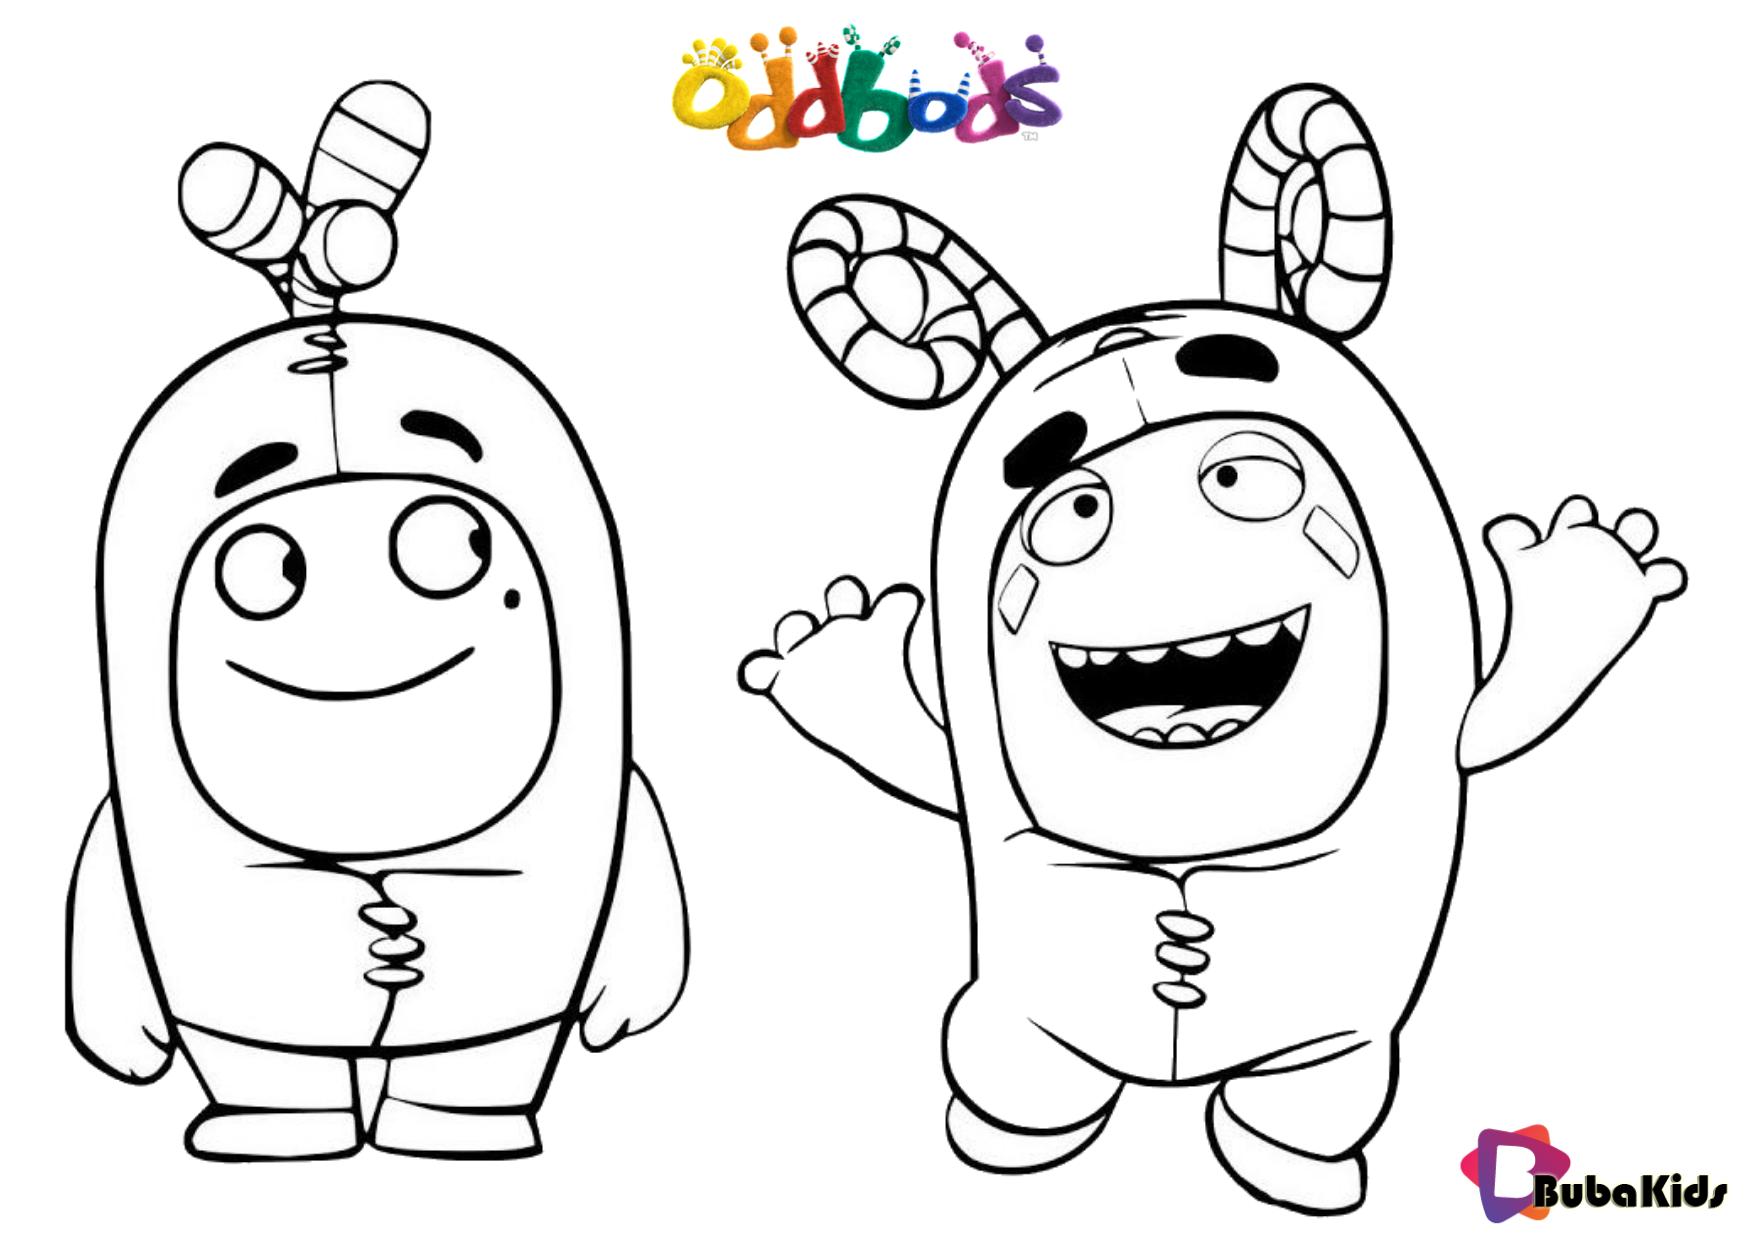 Oddbods tv serials coloring page for kids en 2020